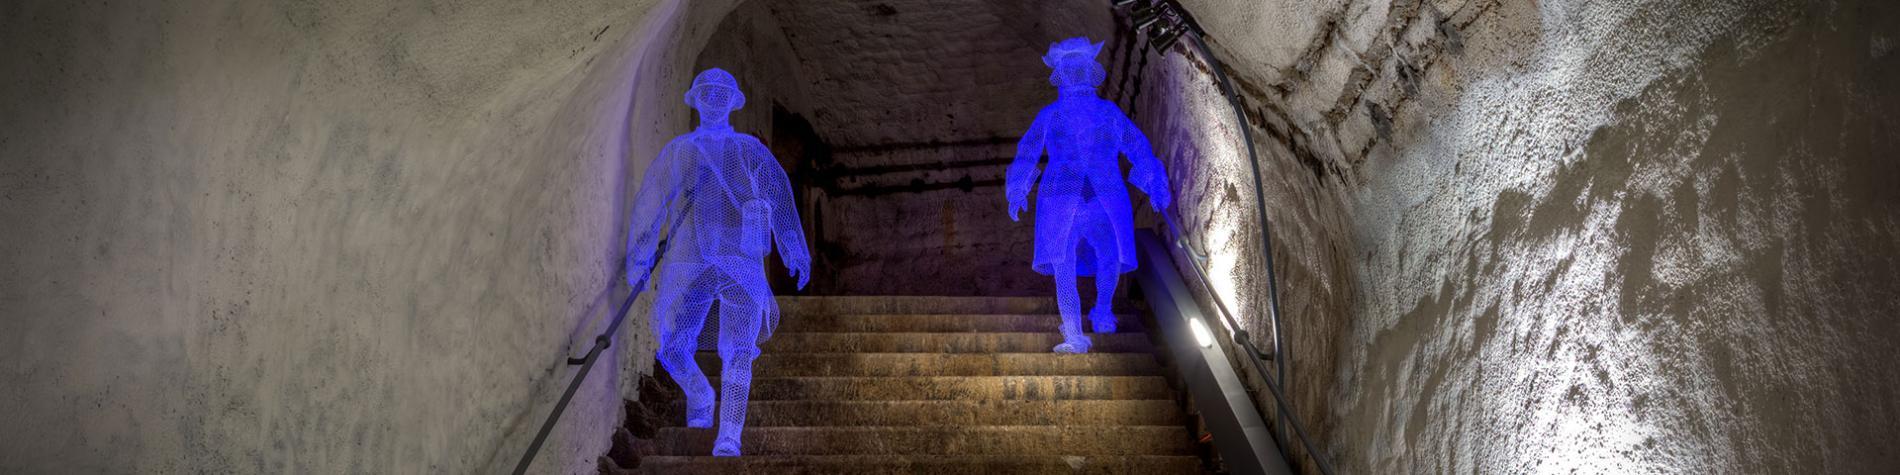 Citadel - Namen - Ondergronds gangenstelsel - museum - Buitengewoon Wallonië